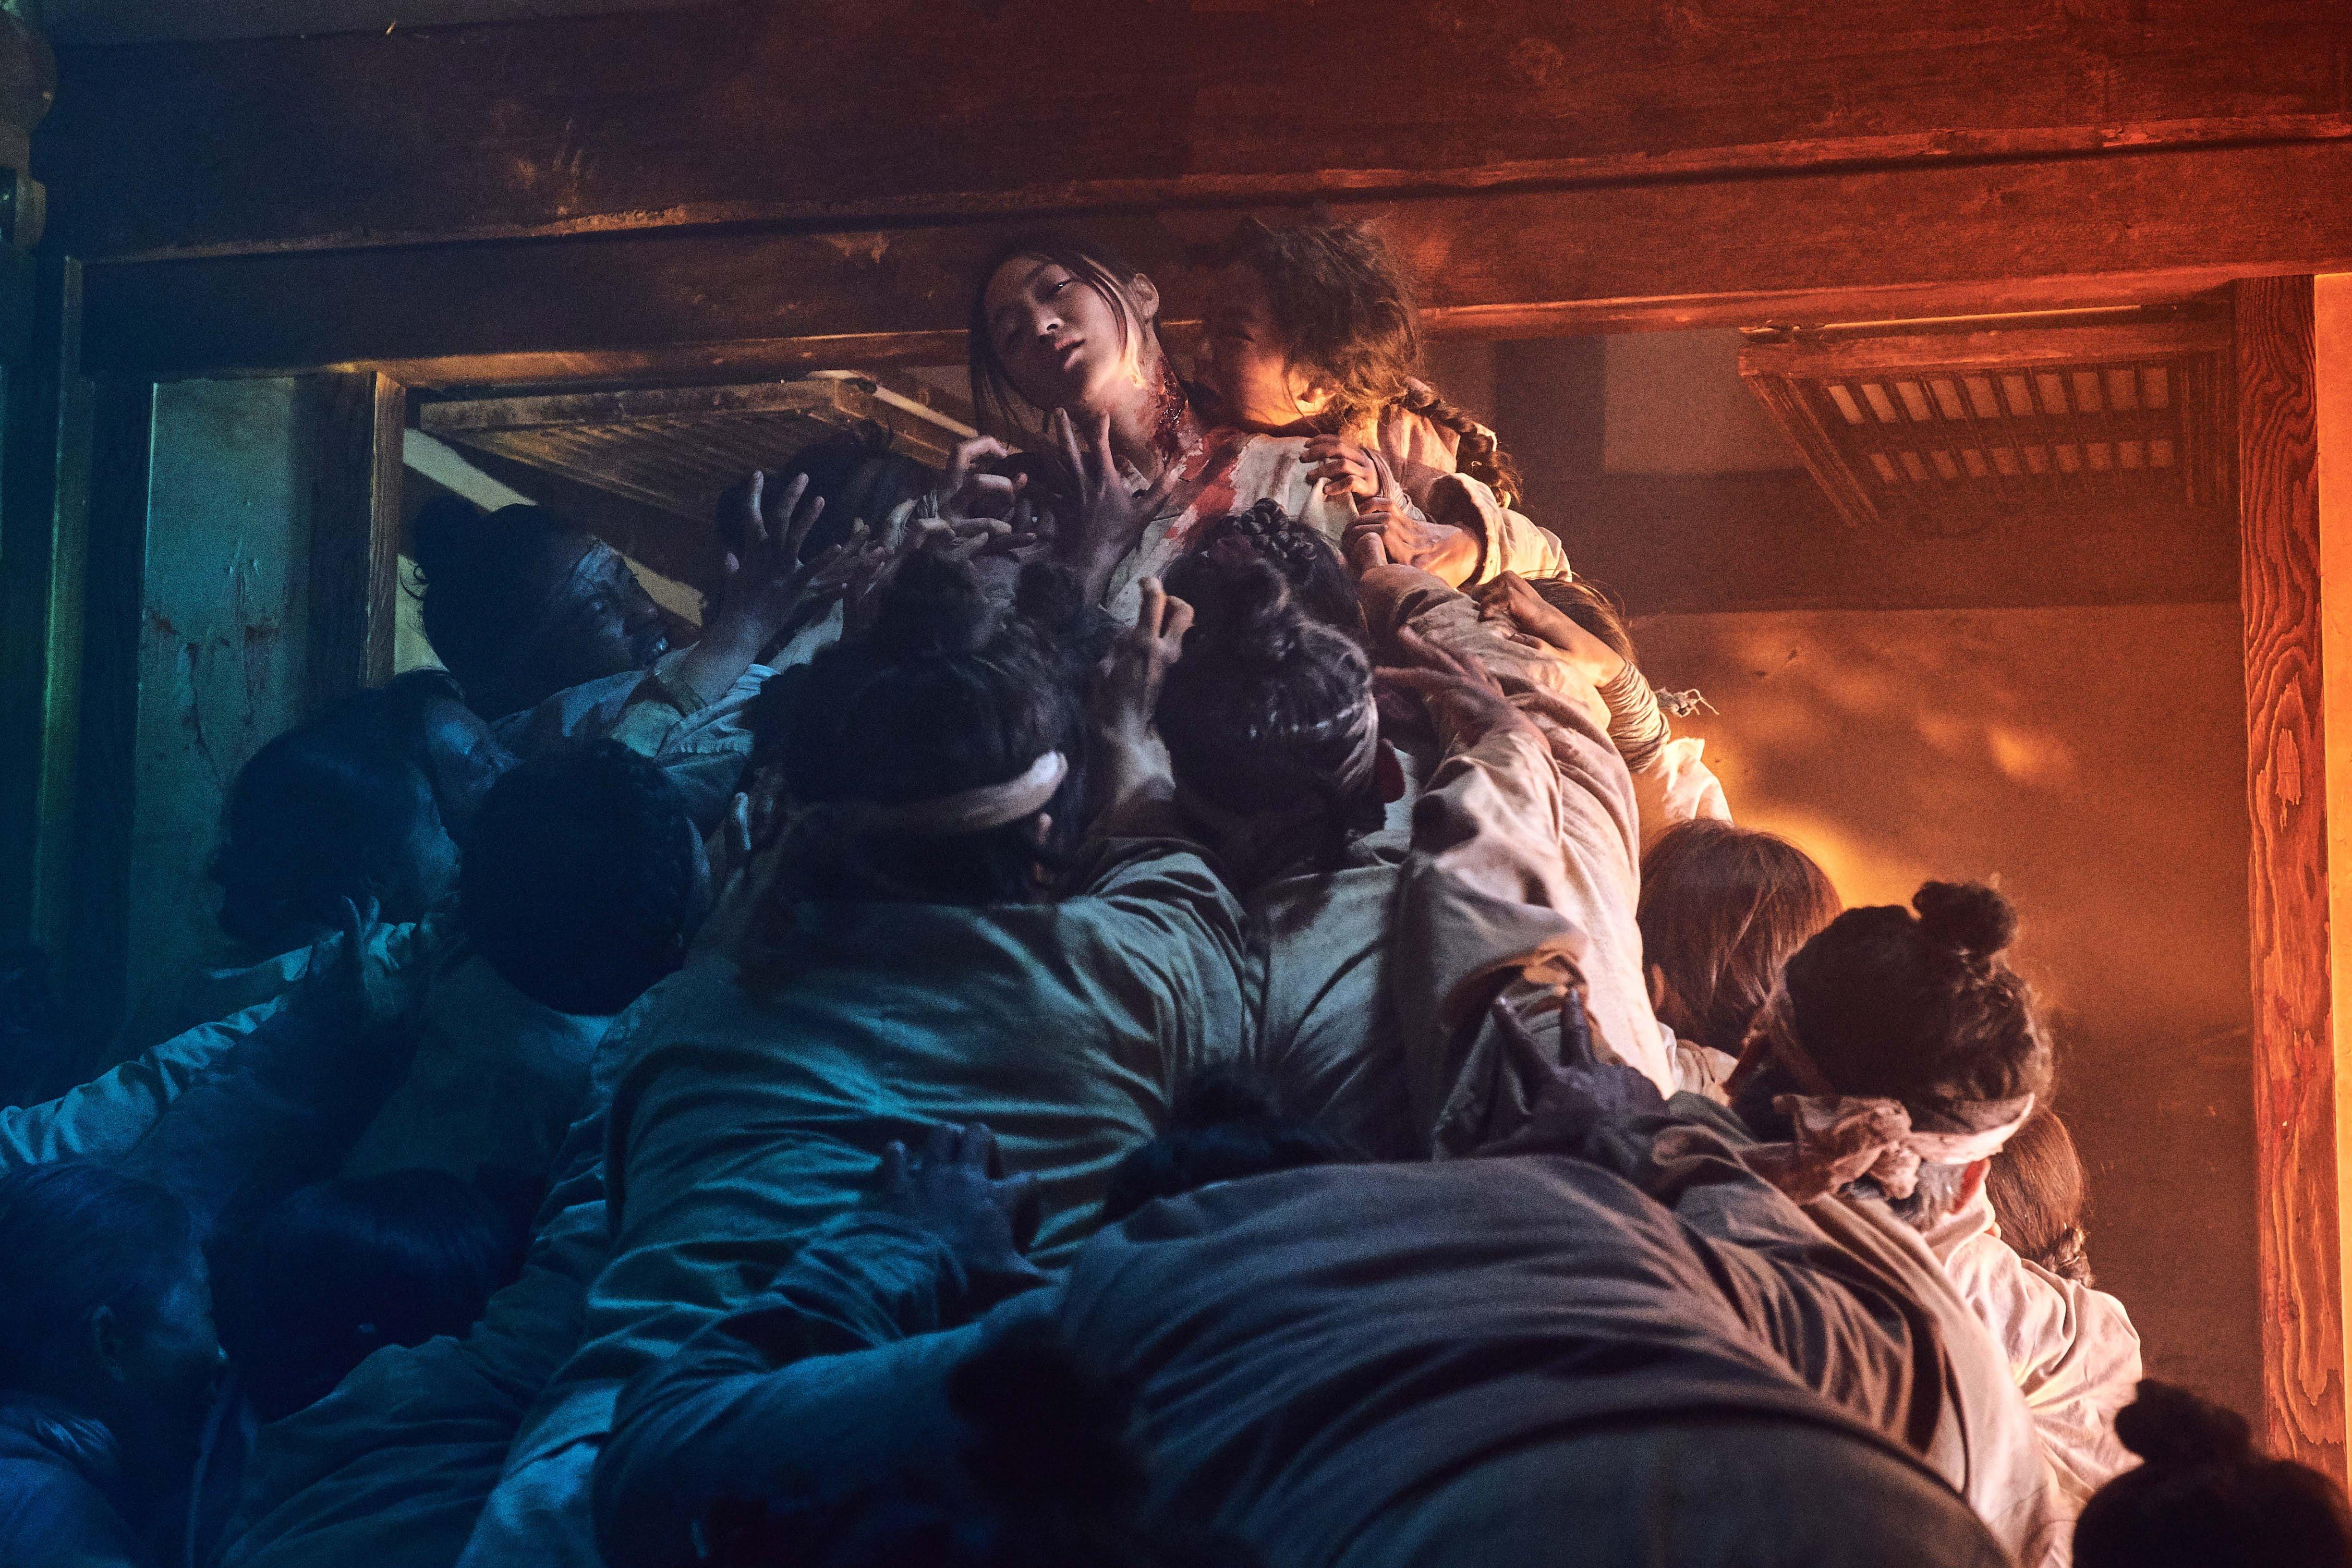 Kingdom : 韓国発のゾンビ・ホラー大作の異色の歴史ドラマ・シリーズ「キングダム」の予告編を、Netflix が初公開 ! !